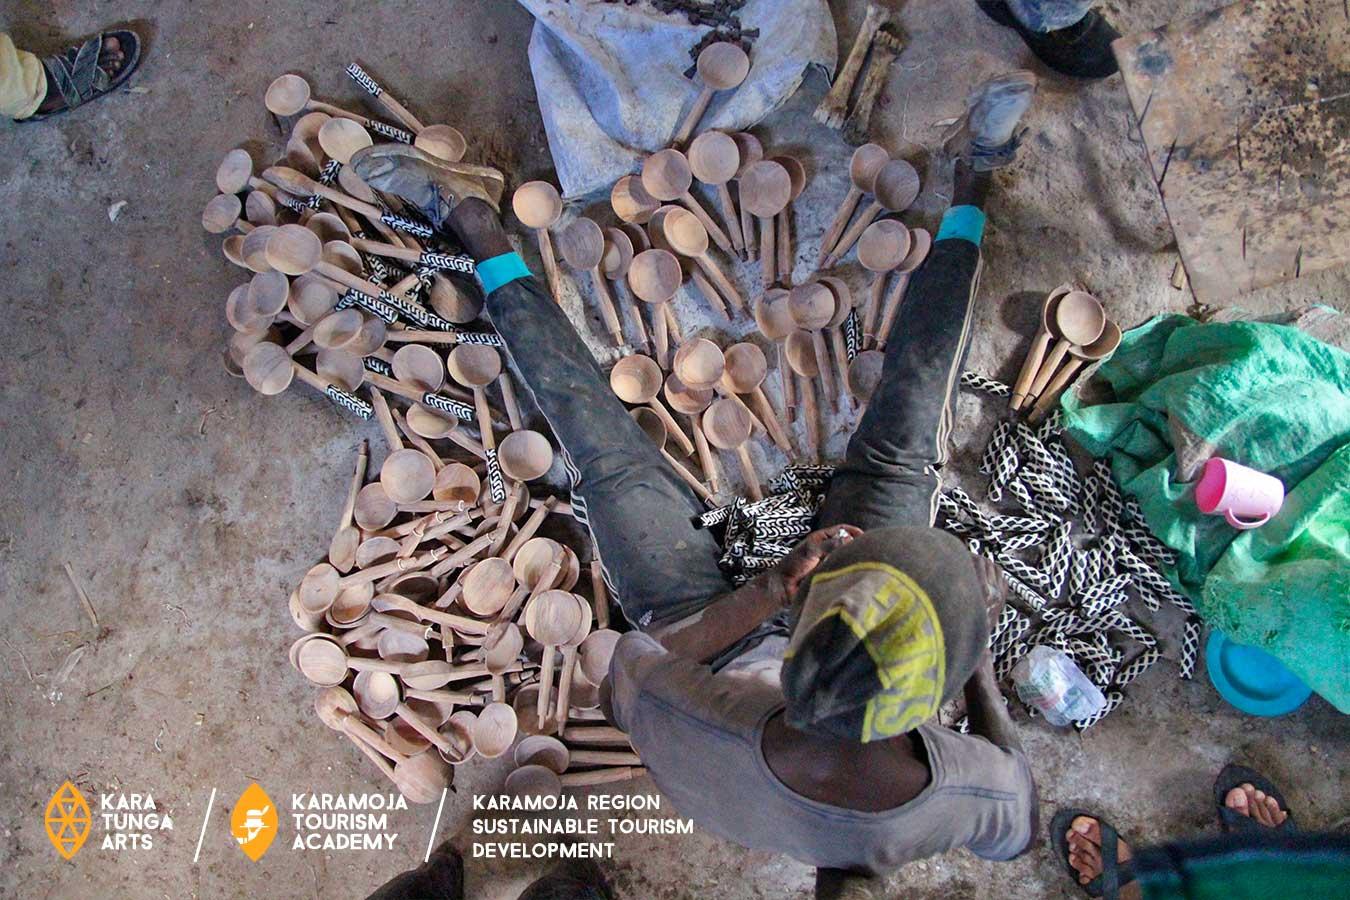 kara-tunga-karamoja-uganda-arts-crafts-tours-culture-development-24